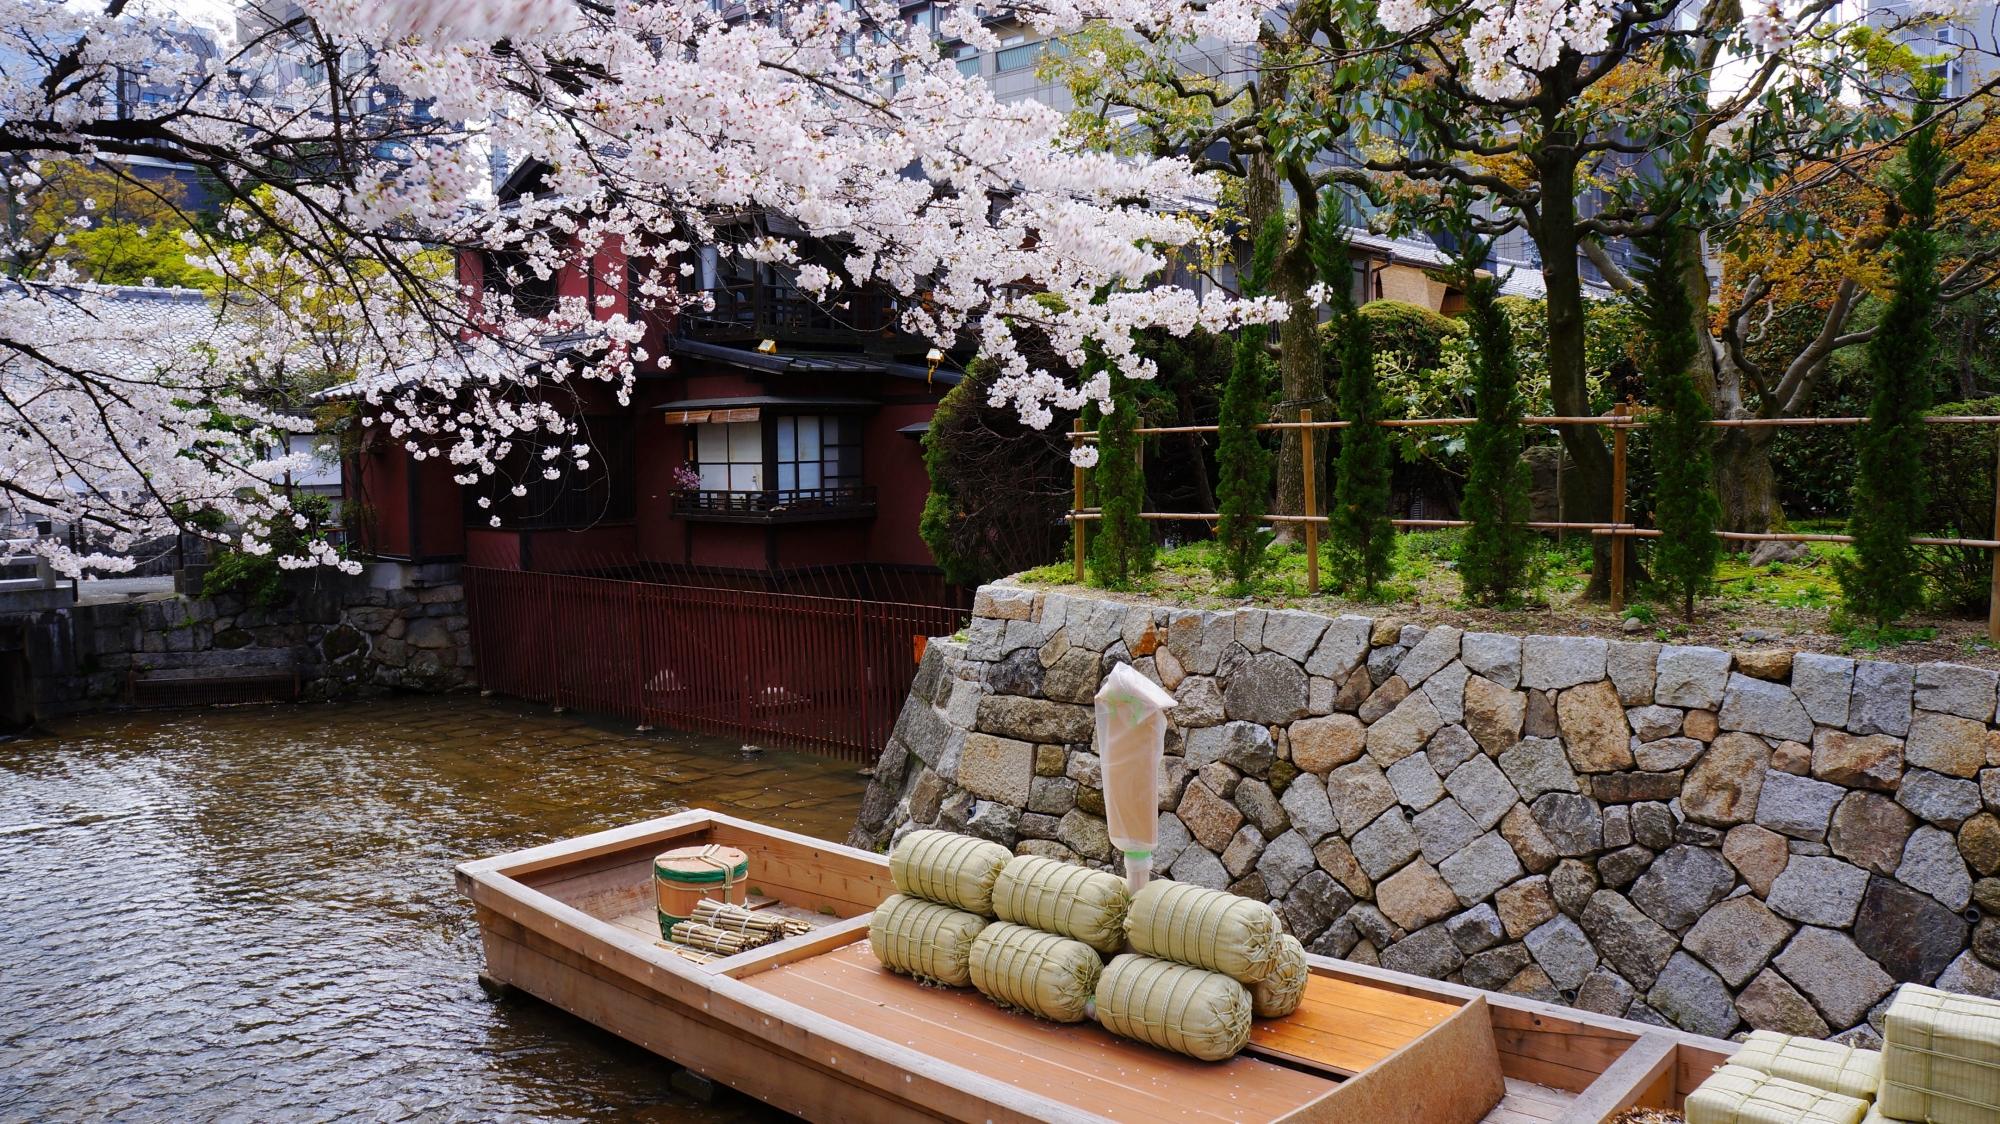 高瀬舟と水辺を華やかに彩る桜